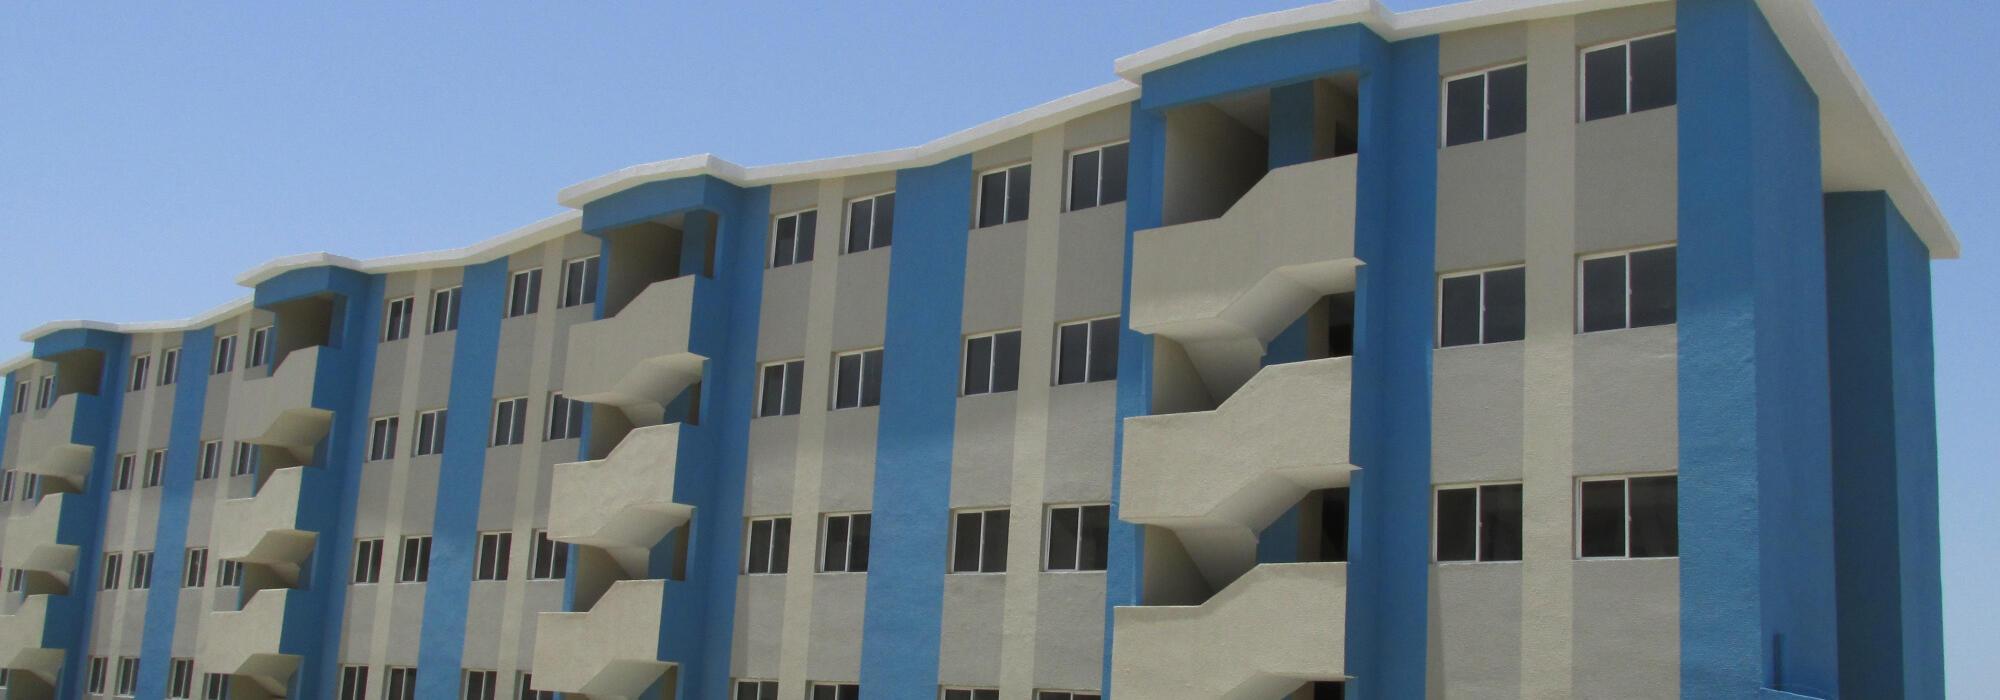 Urbanización Tacarigua V